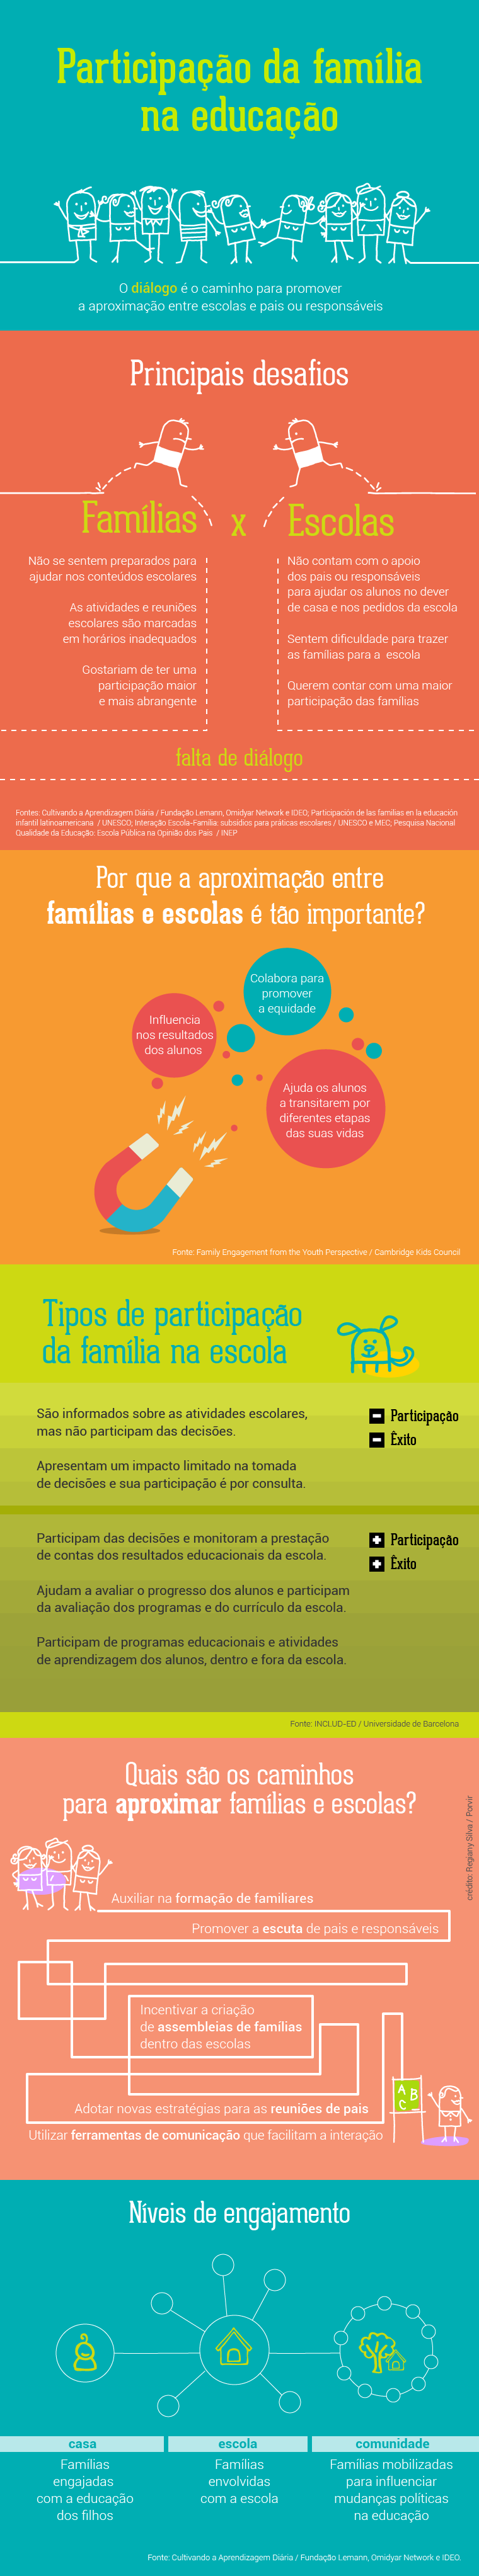 Infografico Participacao da Familia